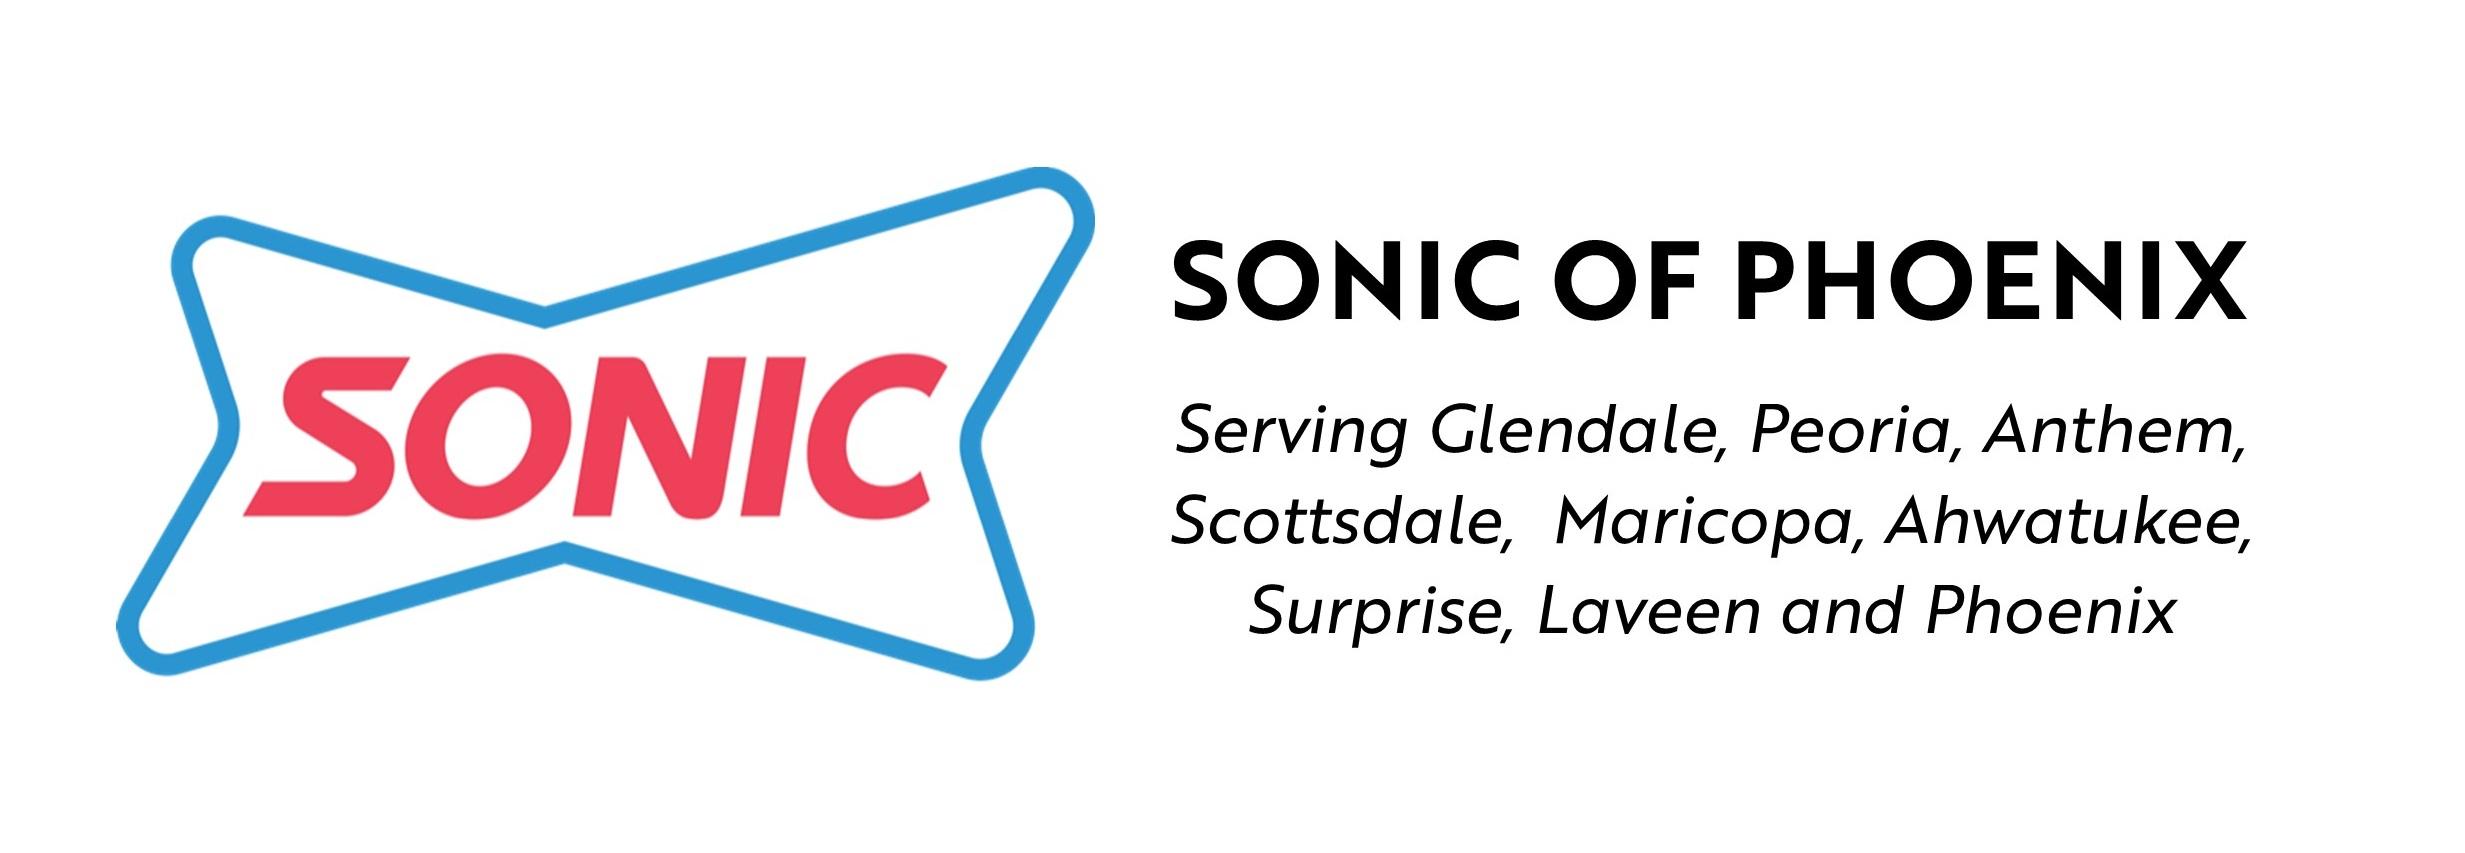 Sonic of Phoenix